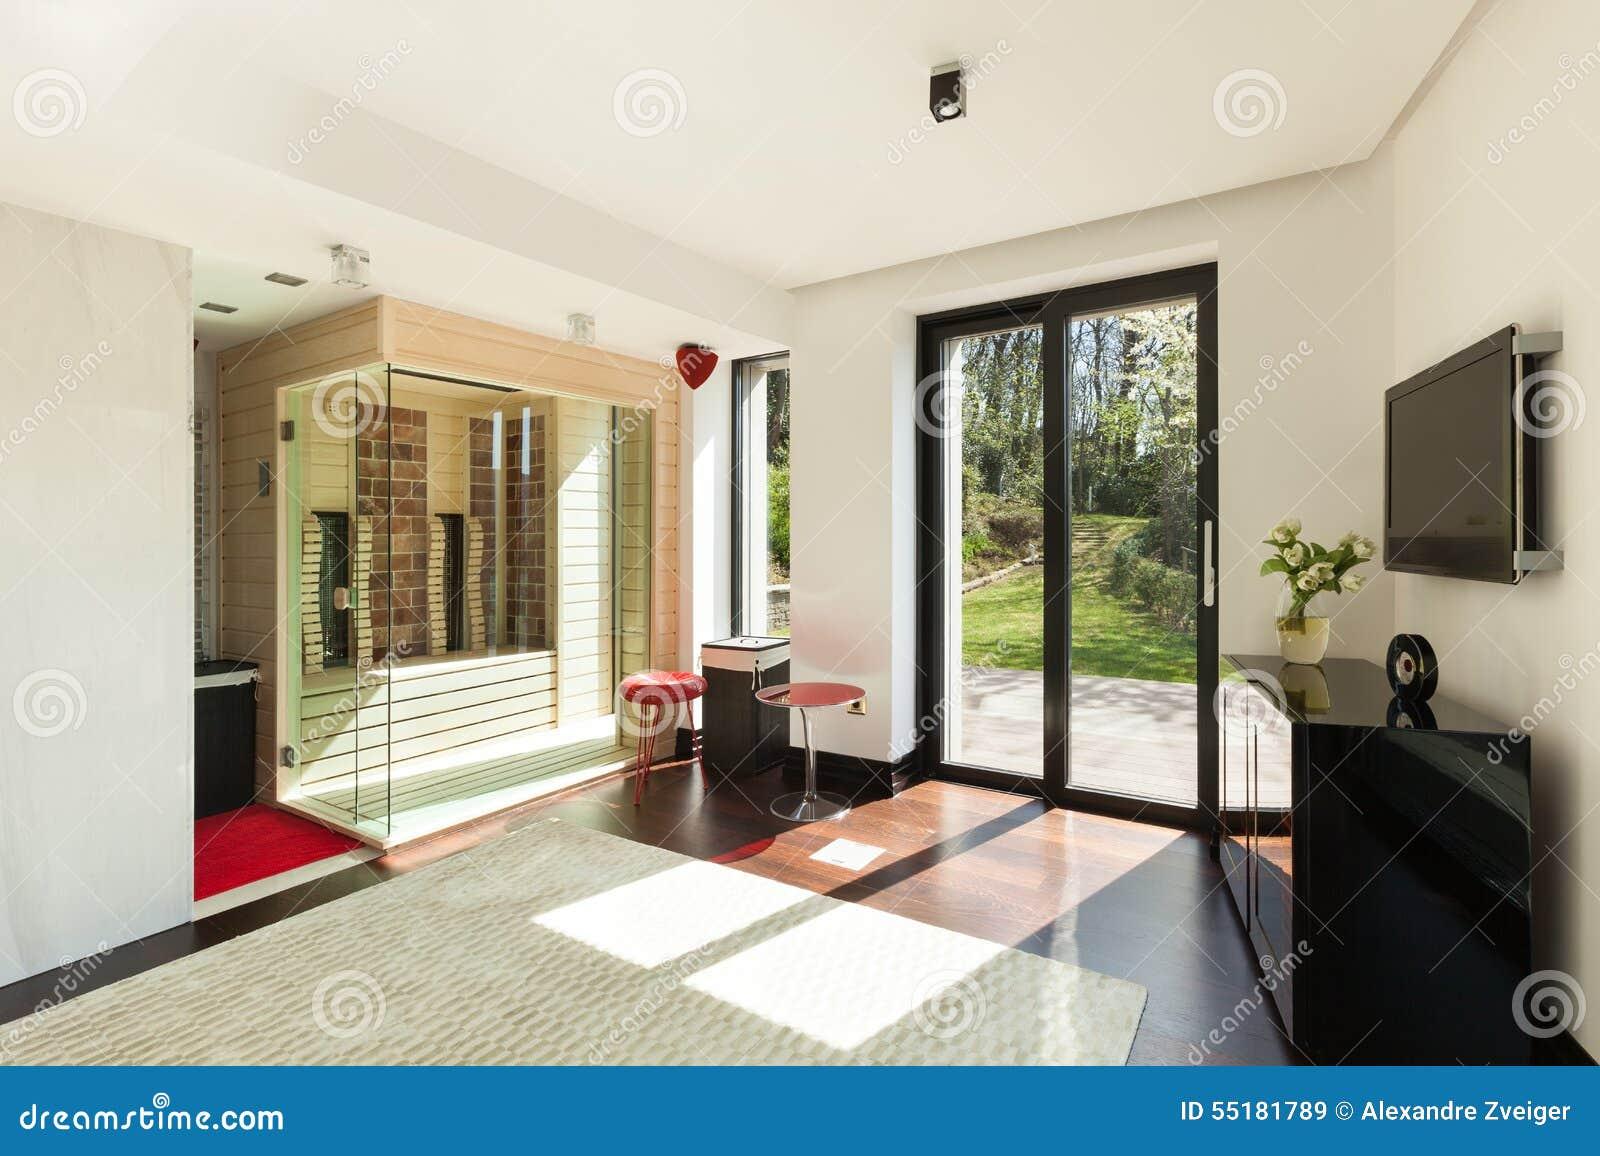 Sauna In Huis : Huis ruimte met sauna stock afbeelding afbeelding bestaande uit